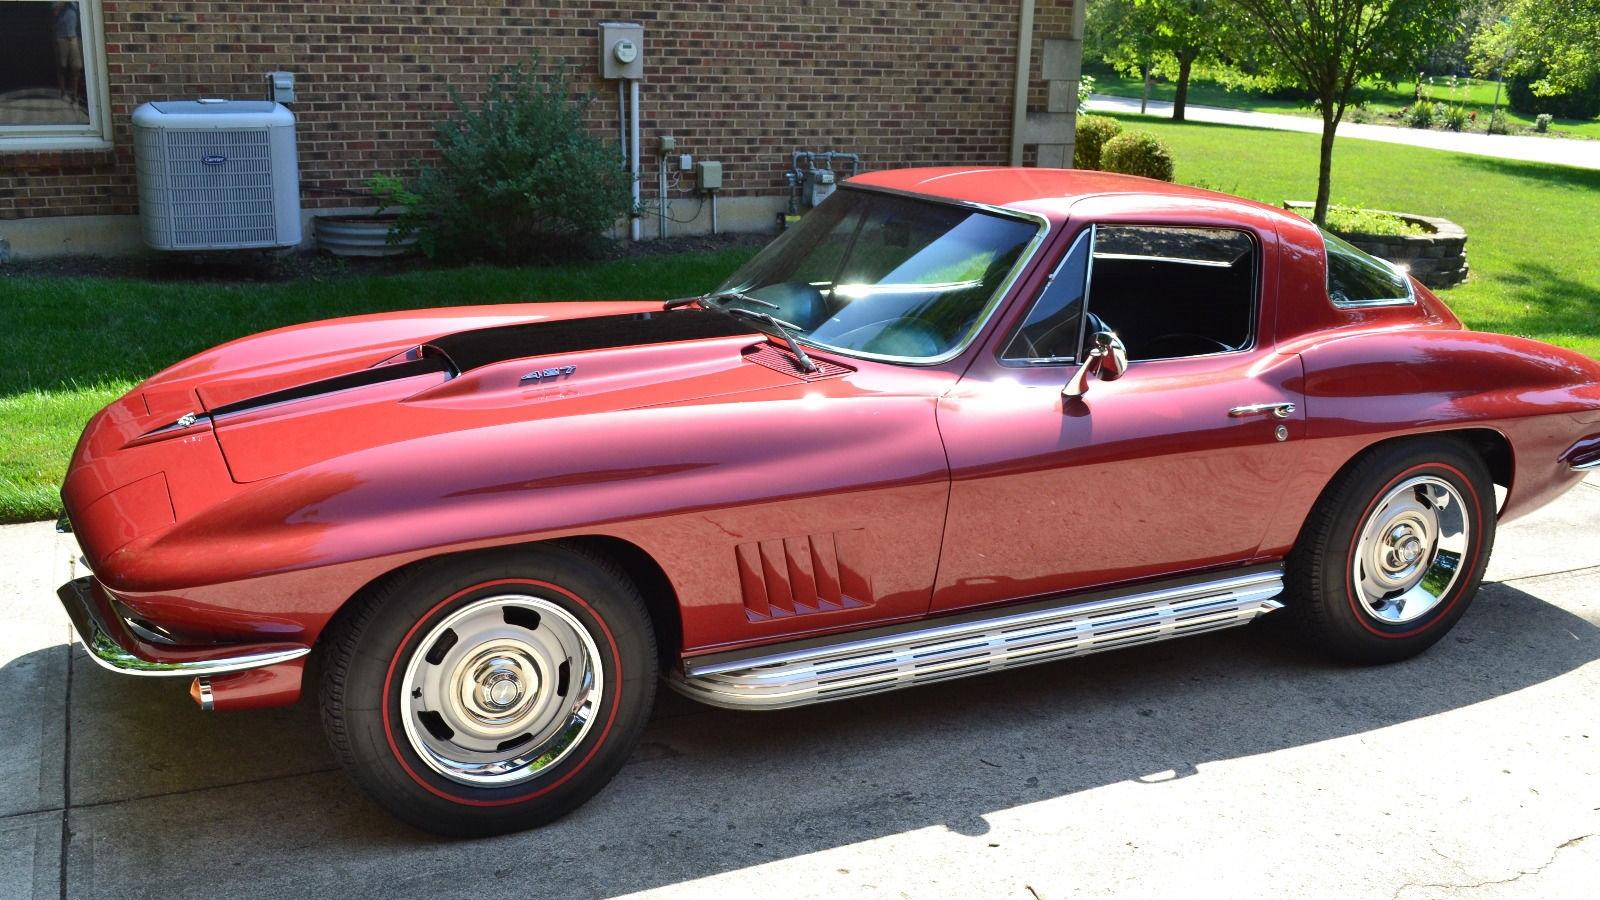 1967 Chevrolet Corvette - $88,300